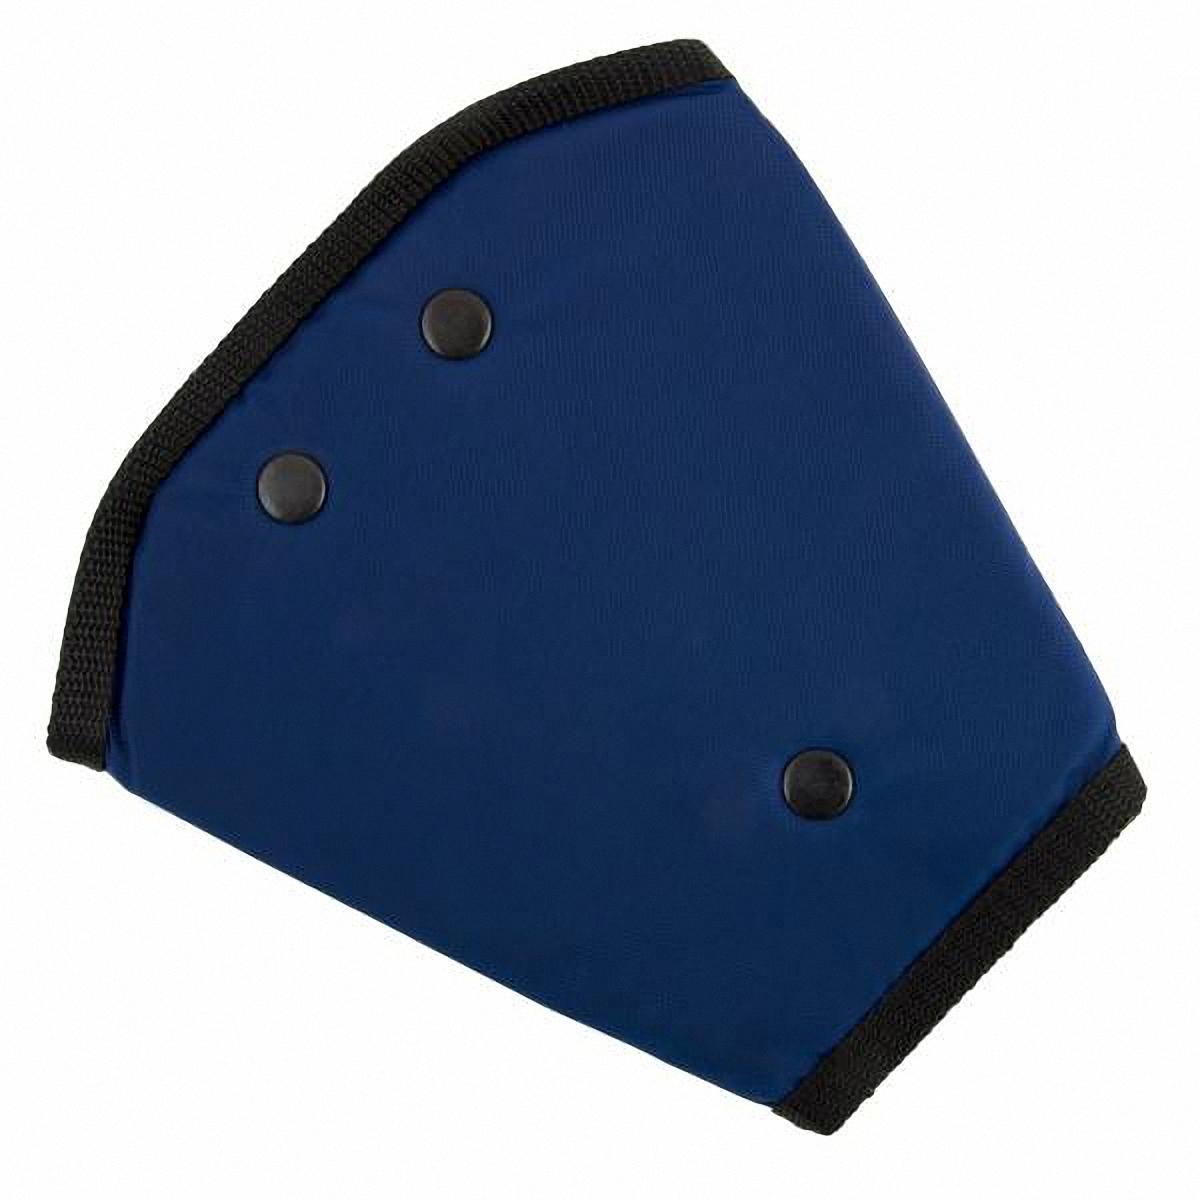 Адаптер ремня безопасности Skyway, цвет: темно-синий. S04006002S04006002Детский адаптер ремня безопасности Skyway, изготовленный из брезента, удерживает ремень безопасности в положении, удобном для человека небольшого роста. Удерживающее устройство можно установить на любой трёхточечный ремень безопасности. Подходит для ремней безопасности как слева, так и справа. При перевозке ребёнка до 12 лет адаптер ремня безопасности разрешено устанавливать только на ремни заднего сиденья.Адаптер прост в установке, легко фиксируется при помощи быстрозастегивающегося крепления.Изделие уменьшает давление ремней на тело ребёнка, удаляет ремень от лица ребенка, обеспечивая ему комфорт во время поездок.Тип крепления: кнопки.